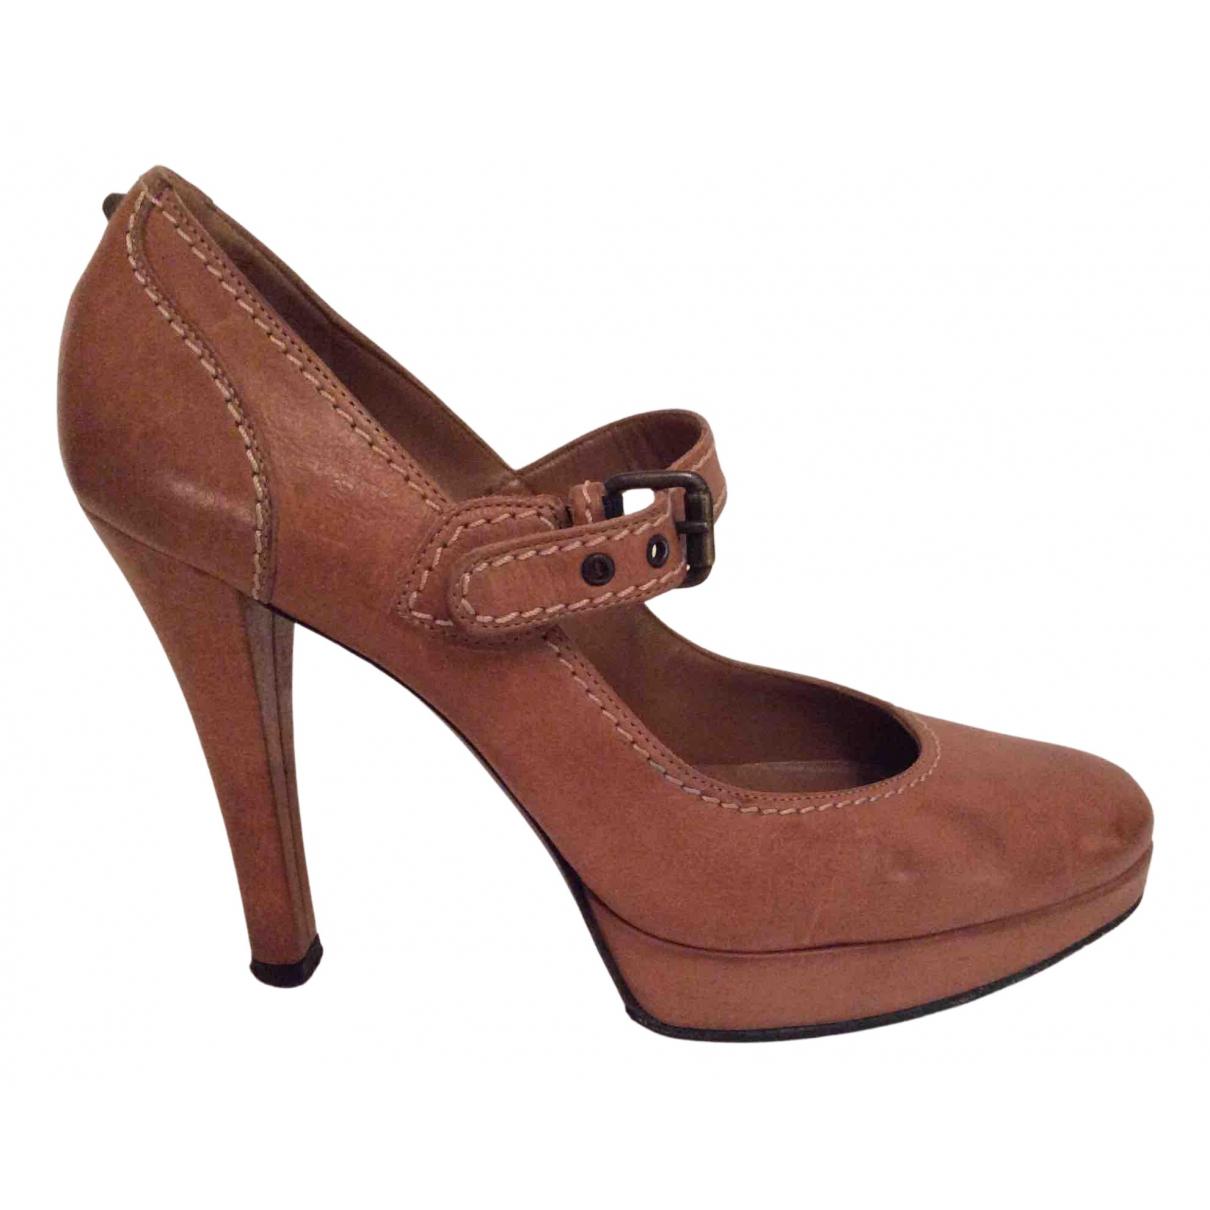 Russell & Bromley - Escarpins   pour femme en cuir - marron